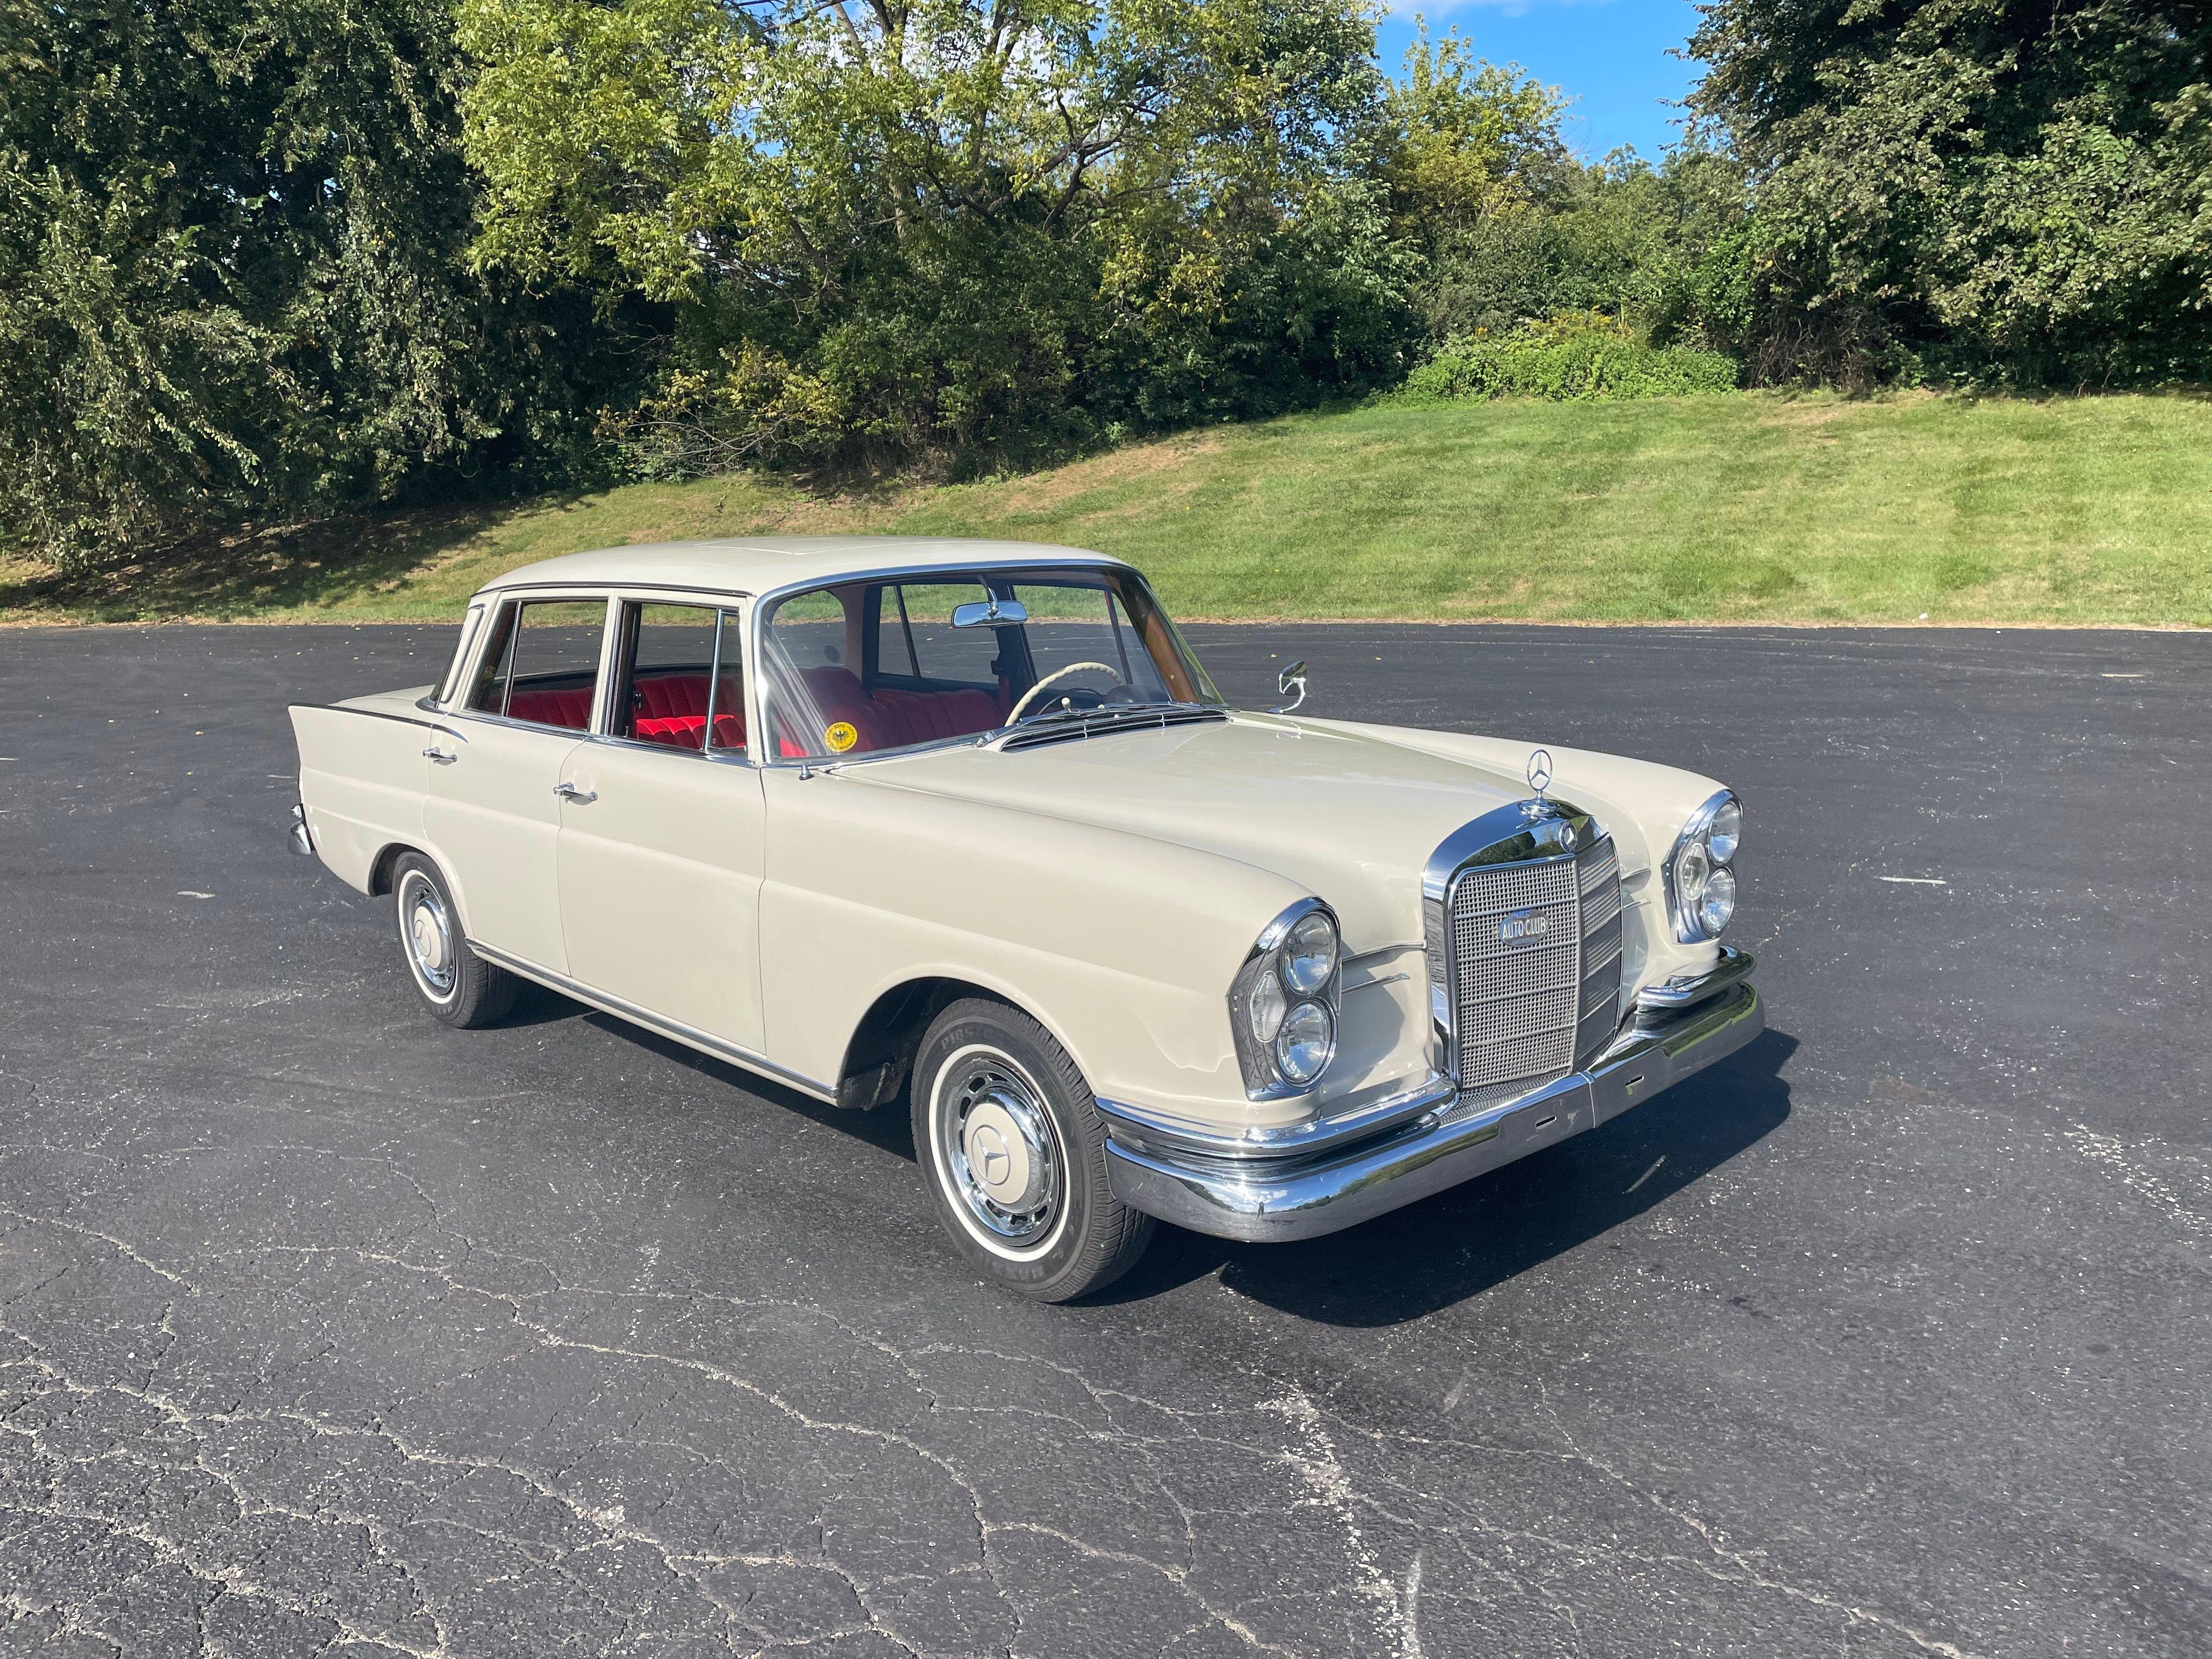 1962 Mercedes-Benz 220 Sb